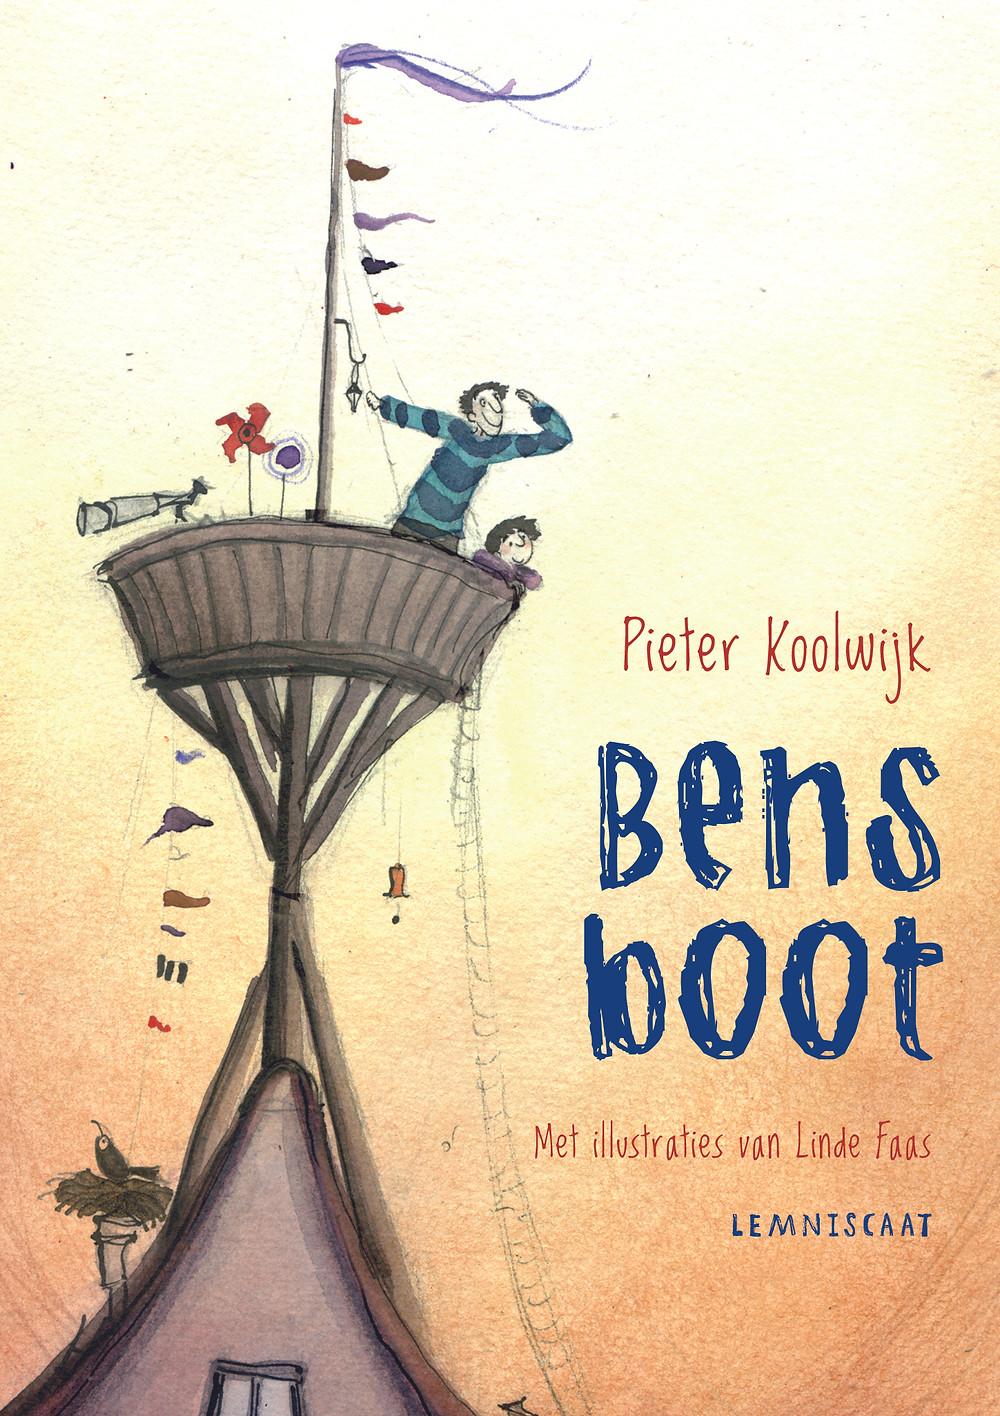 Het boek Bens Boot van Pieter Koolwijk